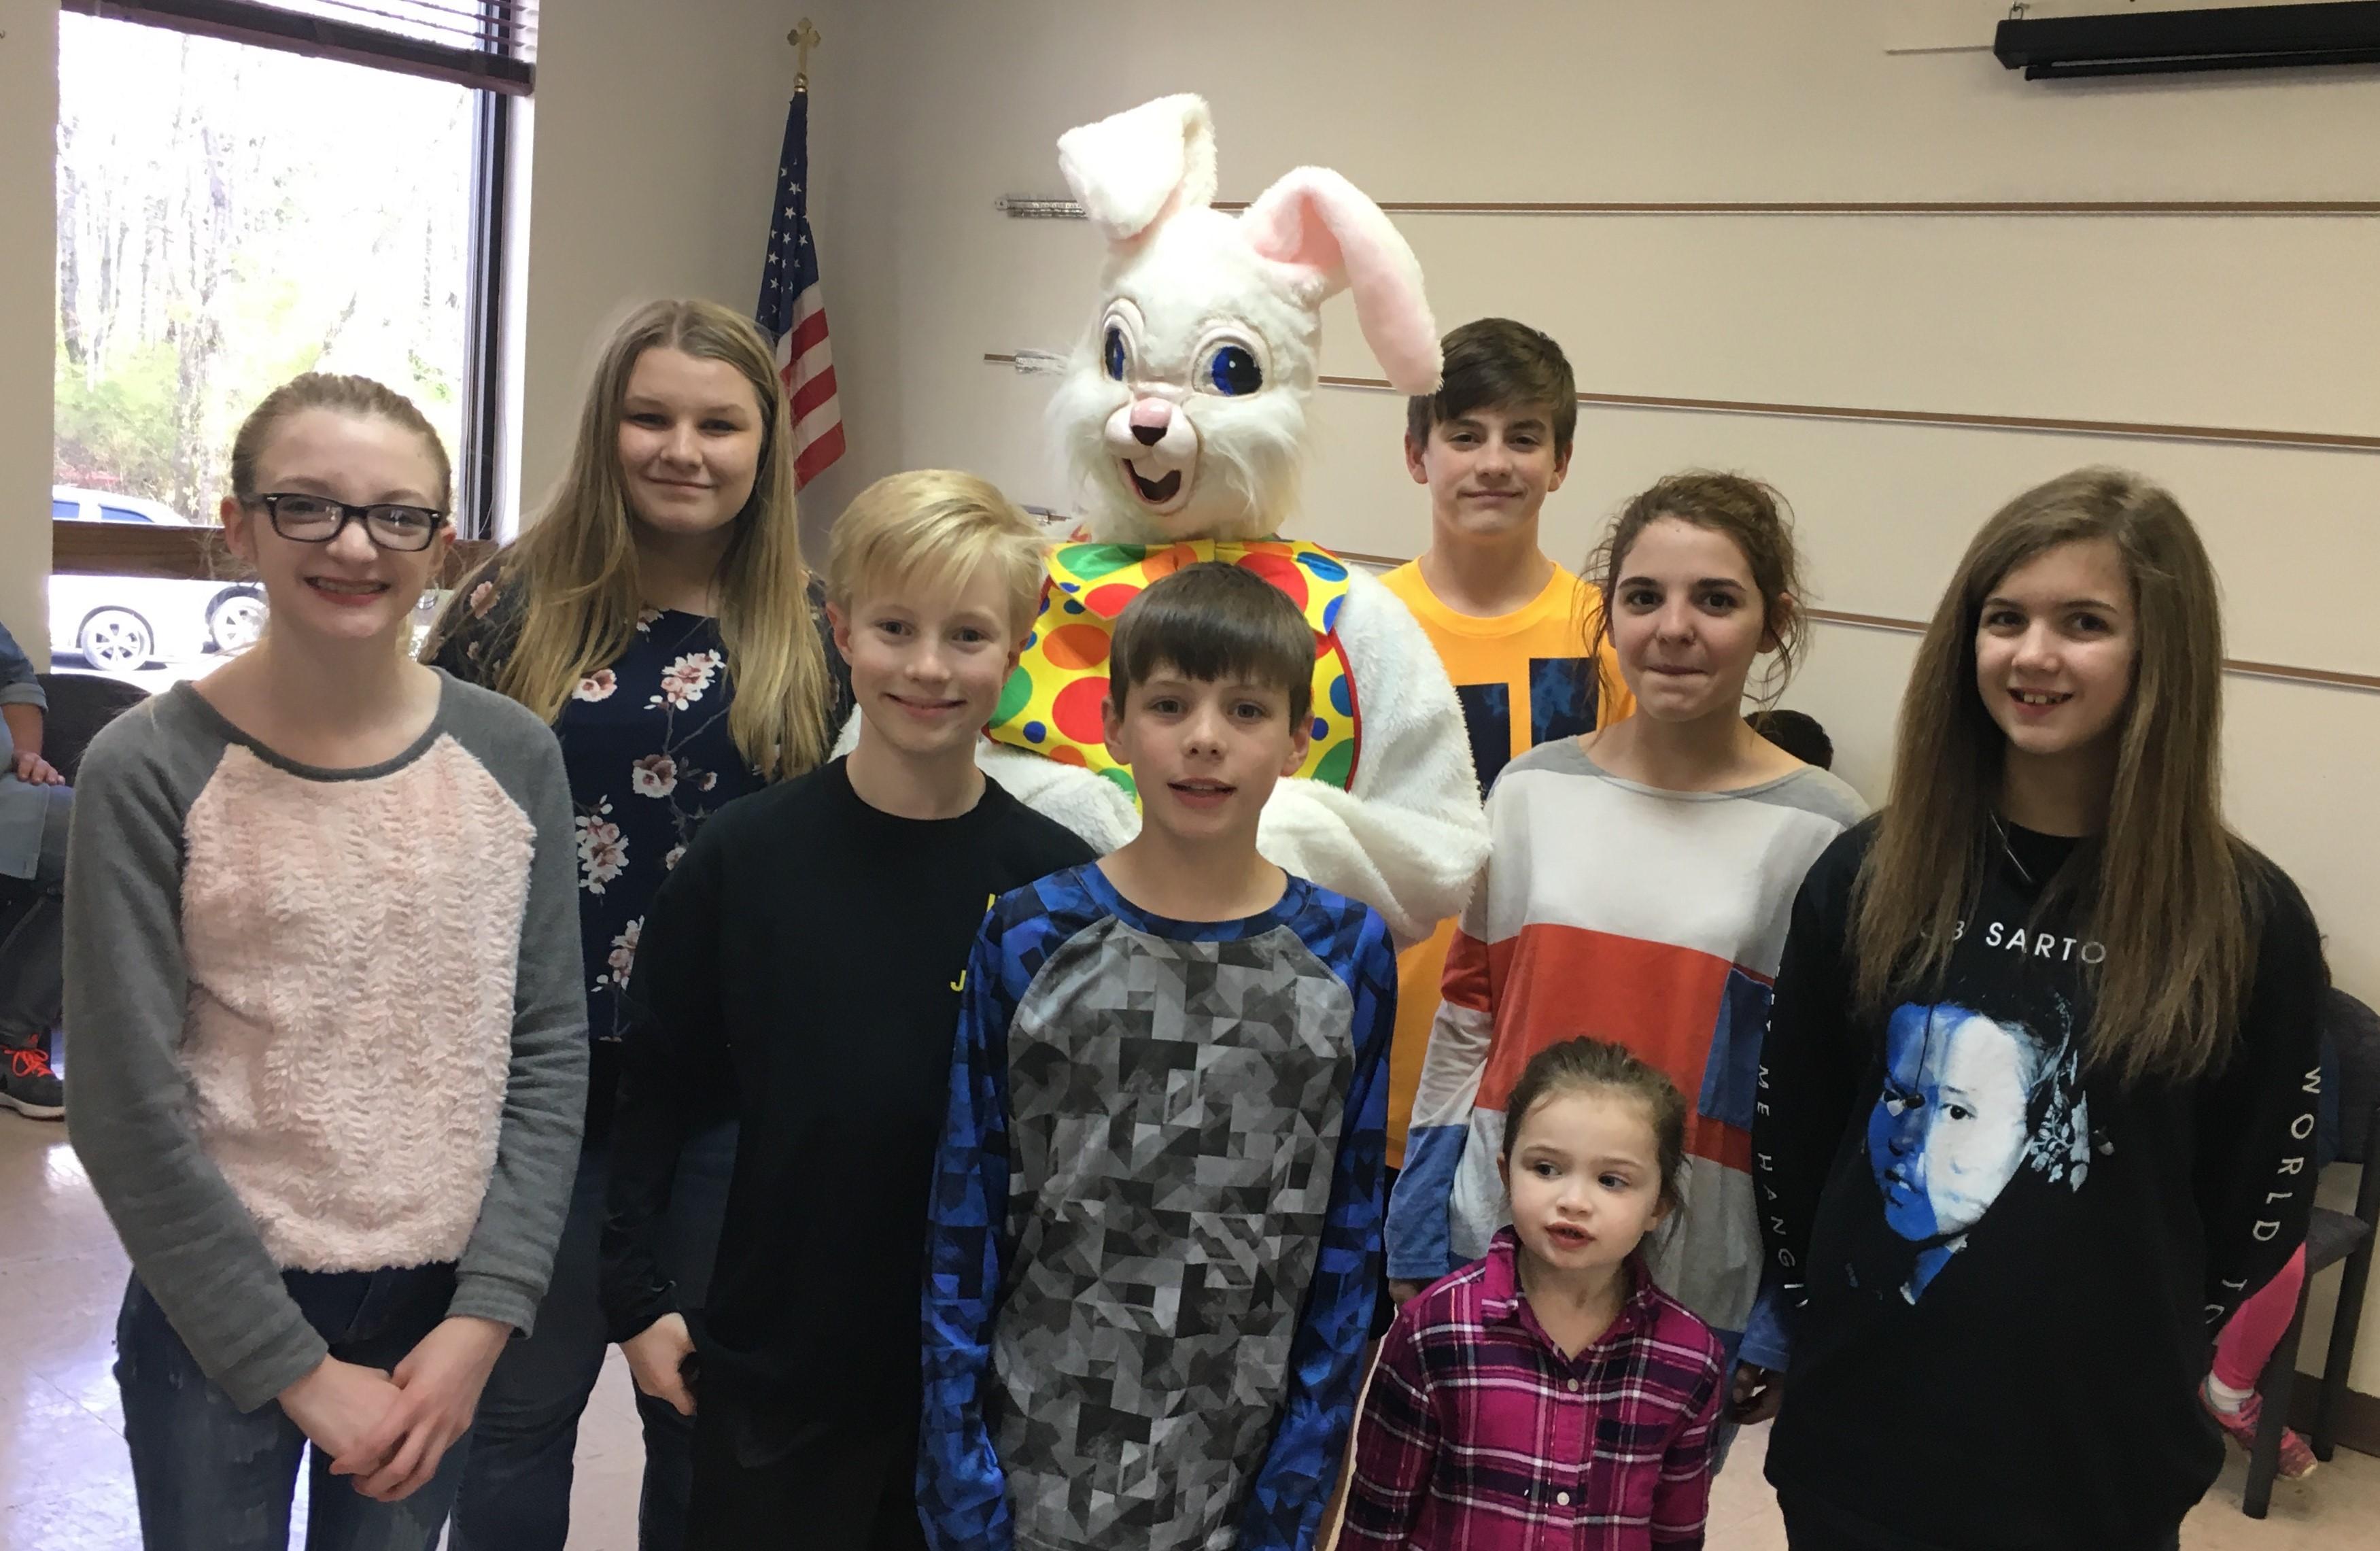 Iuka Easter Egg Hunt 2018